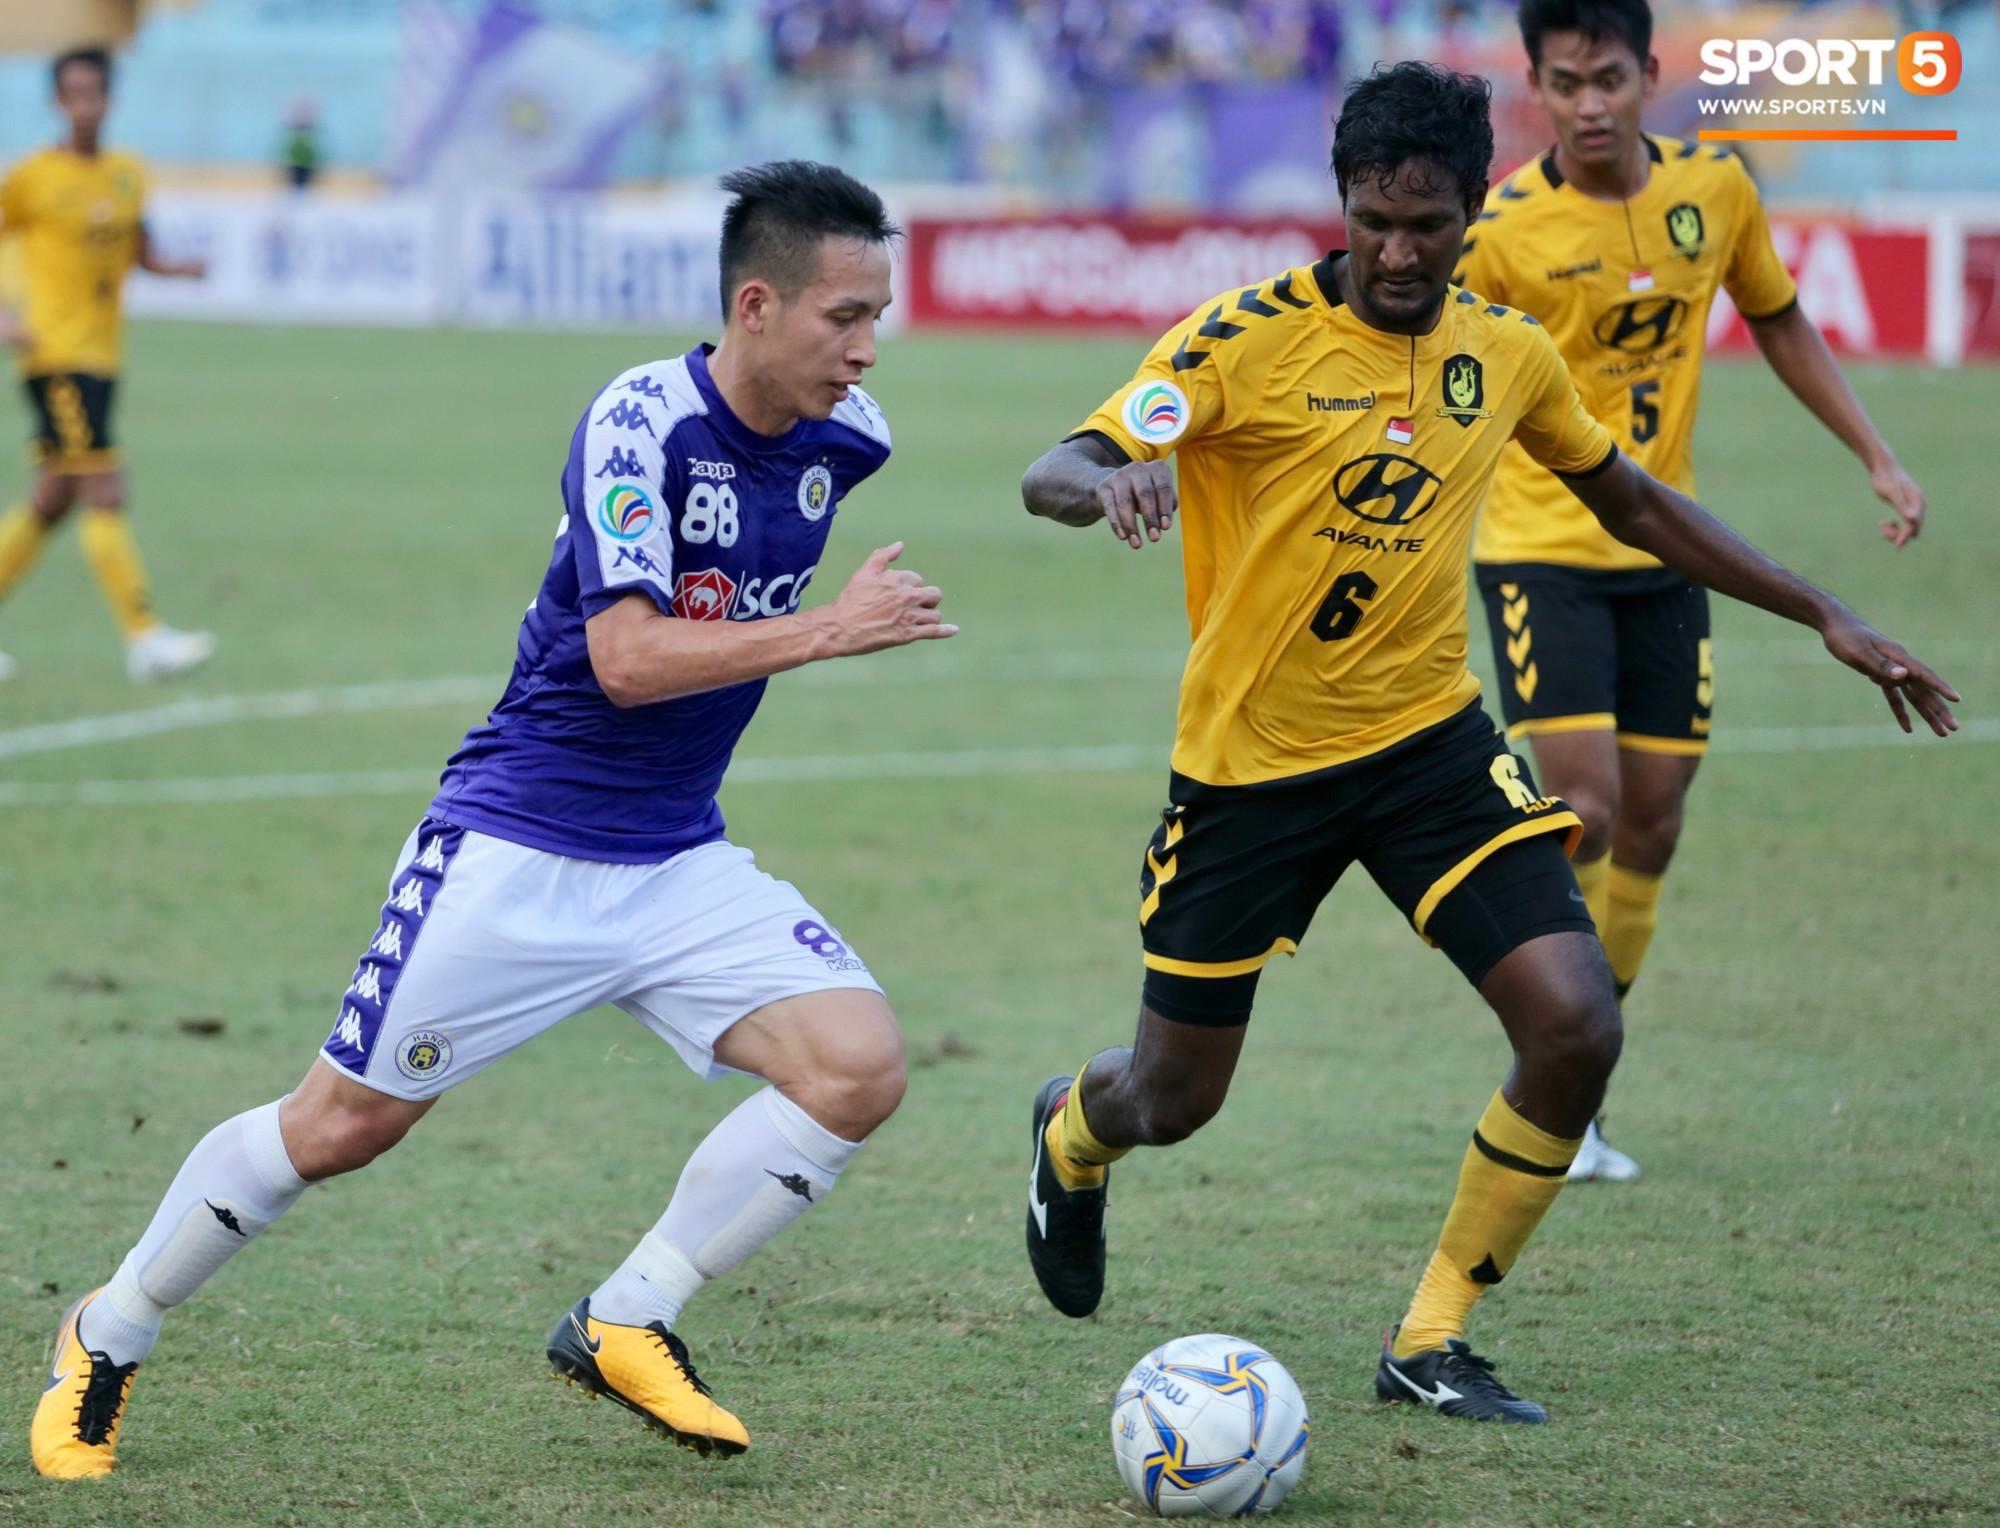 HLV Hà Nội FC mong muốn được BTC V.League tạo điều kiện để tập trung tiến sâu tại AFC Cup - Ảnh 1.